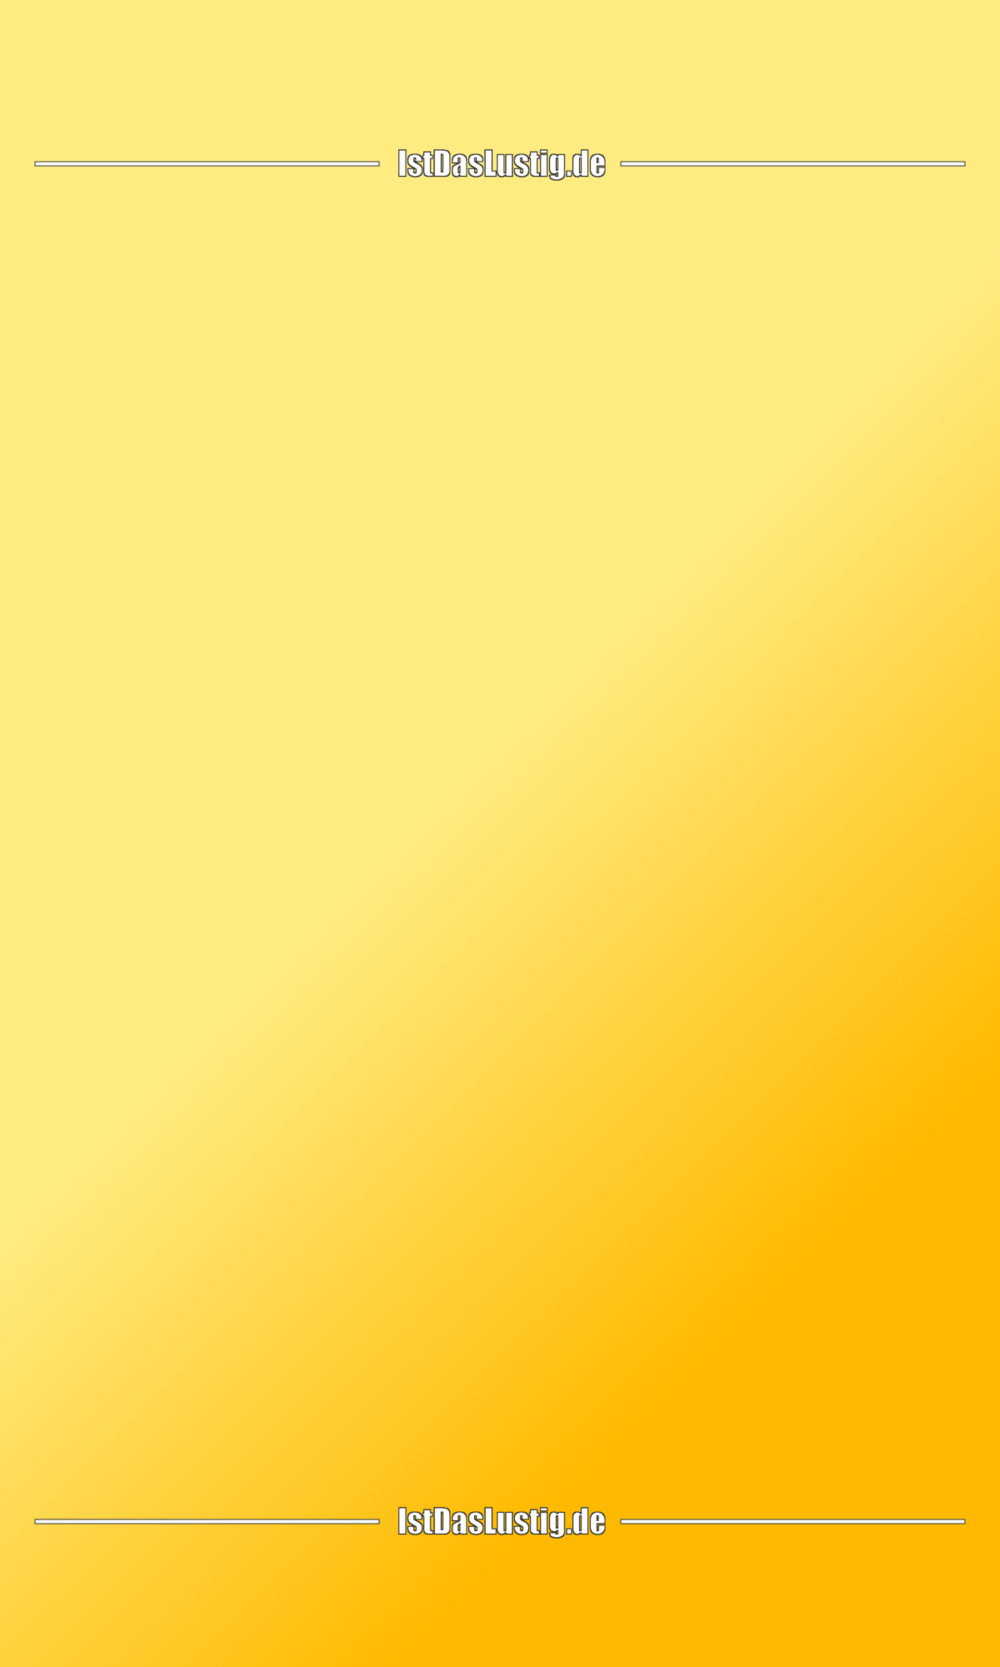 Die Besten 43 Wochenende Spruche Auf Istdaslustig De